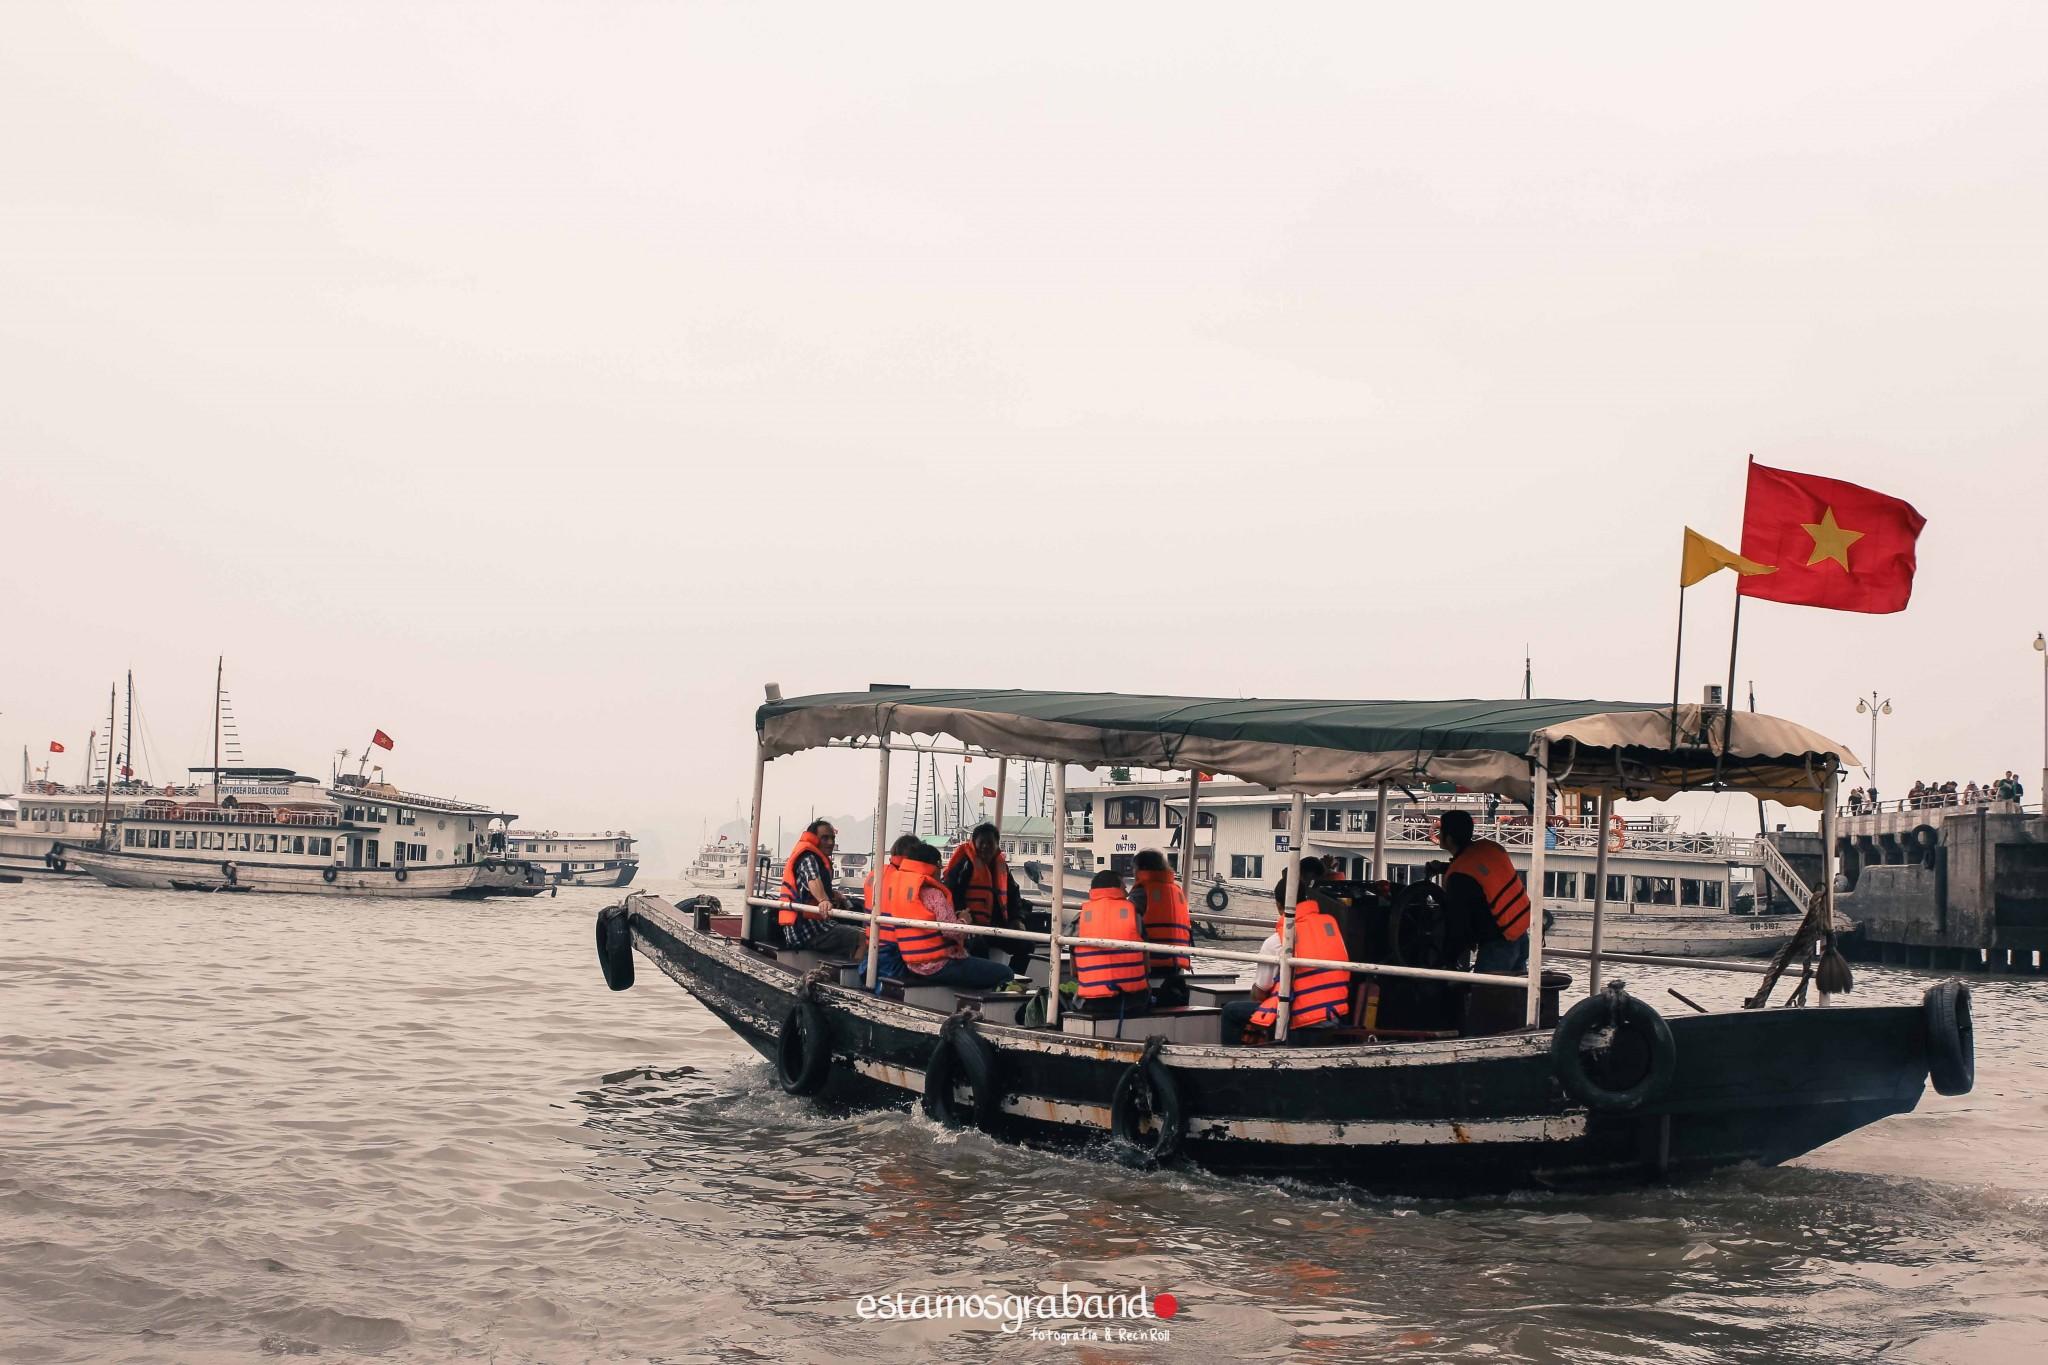 reportaje-vietnam_fotograficc81a-vietnam_estamosgrabando-vietnam_rutasvietnam_reportaje-retratos-fotos-vietnam_fotografia-vietnam_reportaje-estamosgrabando-fotograficc81a-vietnam-50 Pequeños grandes recuerdos de Vietnam en 100 imágenes - video boda cadiz